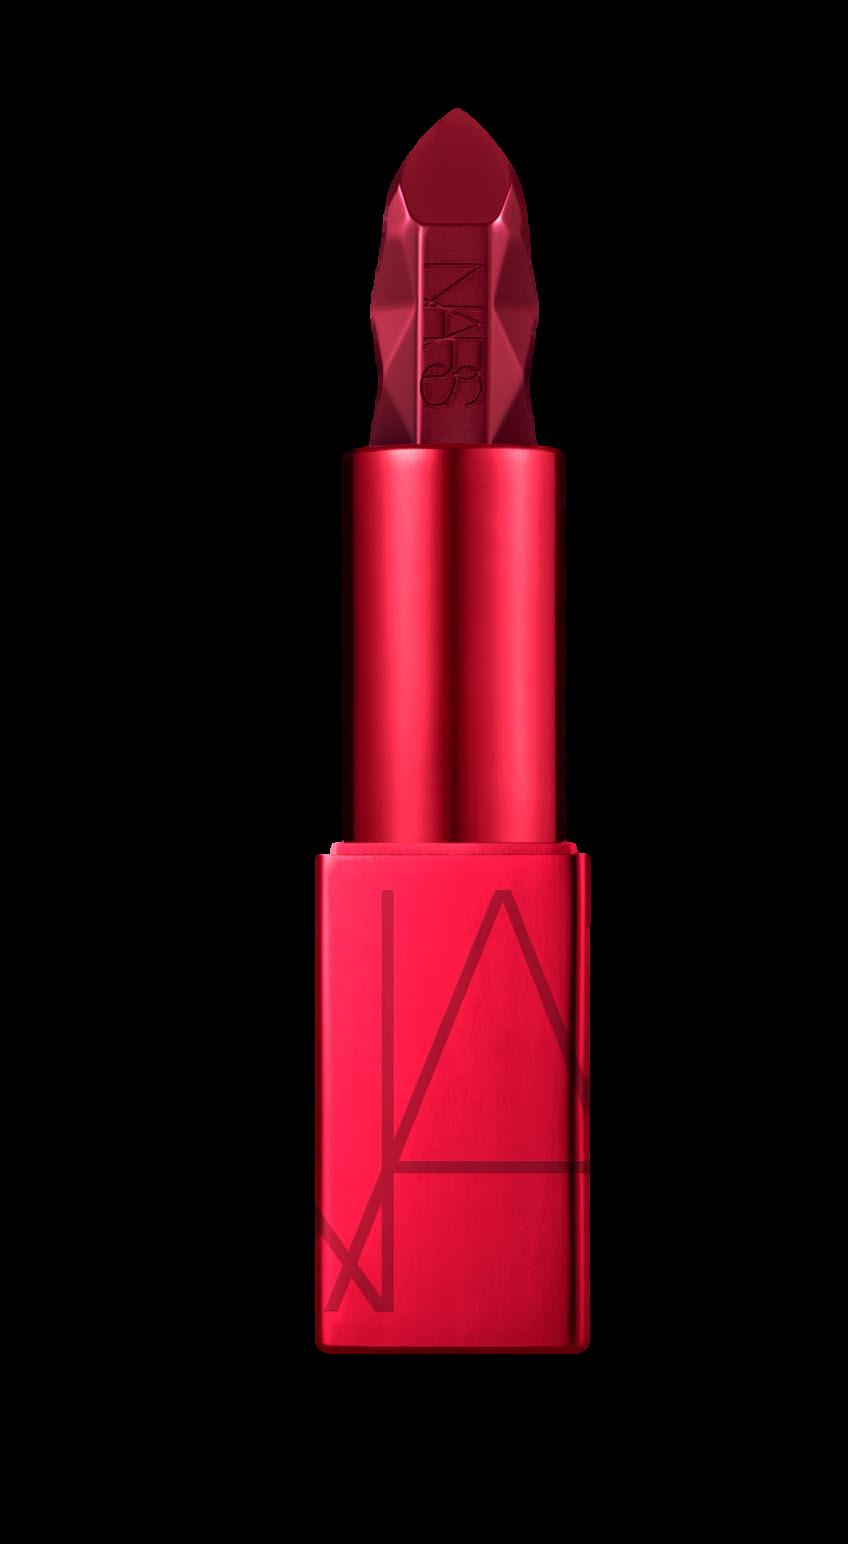 Thương hiệu NARS Cosmetics giới thiệu bộ sưu tập phiên bản giới hạn dành cho mùa lễ hội 2018 9